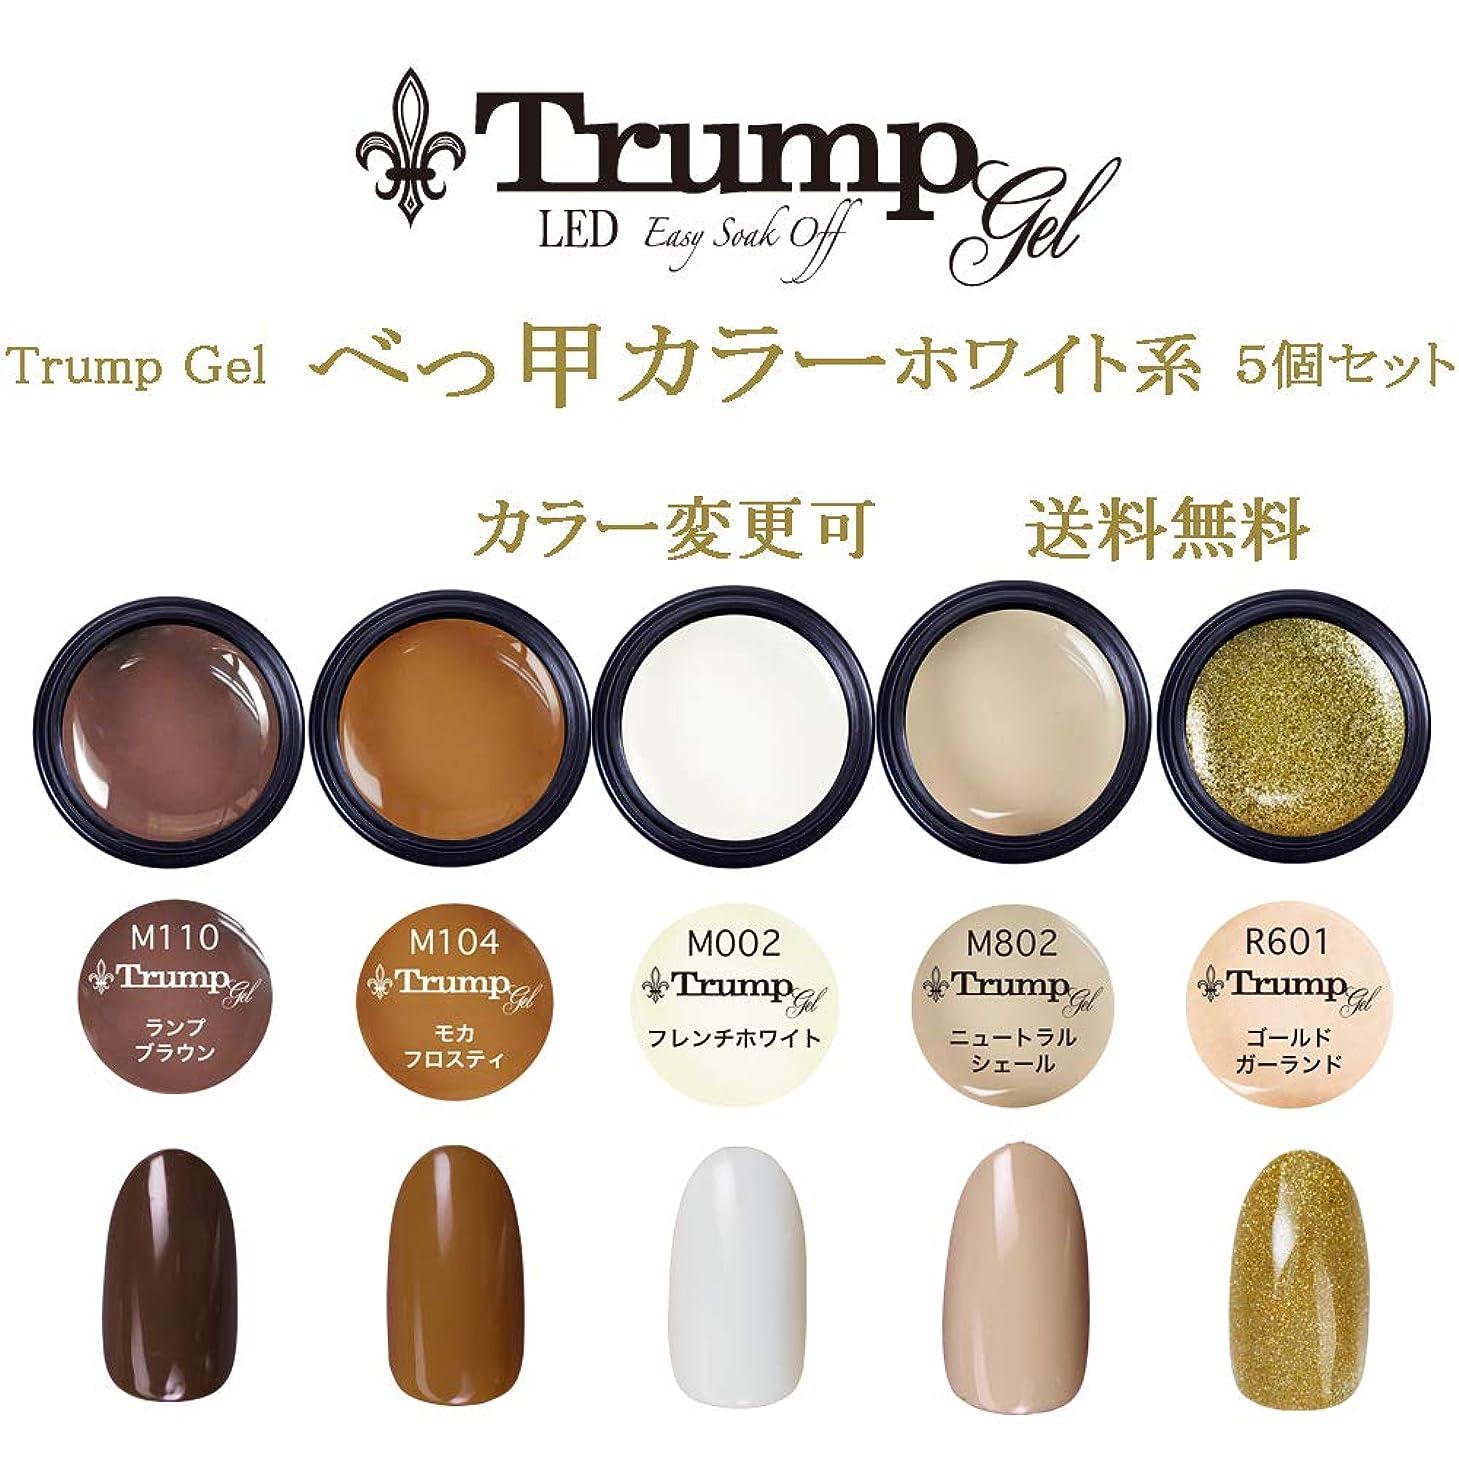 なので欠陥グラム【送料無料】日本製 Trump gel トランプジェル べっ甲カラー ホワイト系 選べる カラージェル 5個セット べっ甲ネイル ベージュ ブラウン ホワイト ラメ カラー